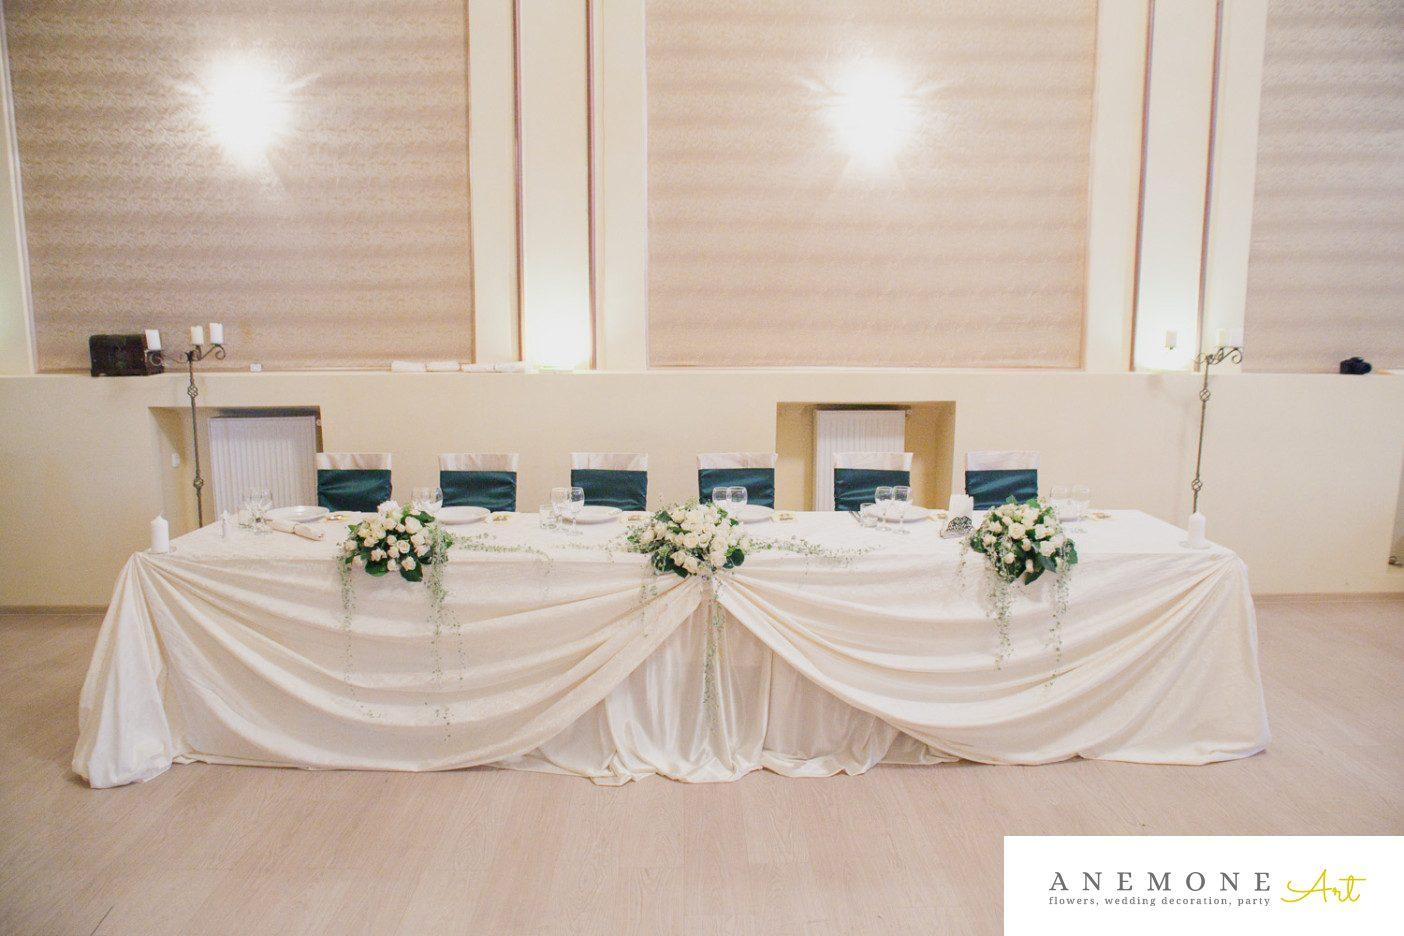 Poza, foto cu Flori de nunta decor masa, prezidiu in Arad, Timisoara, Oradea (wedding flowers, bouquets) nunta Arad, Timisoara, Oradea